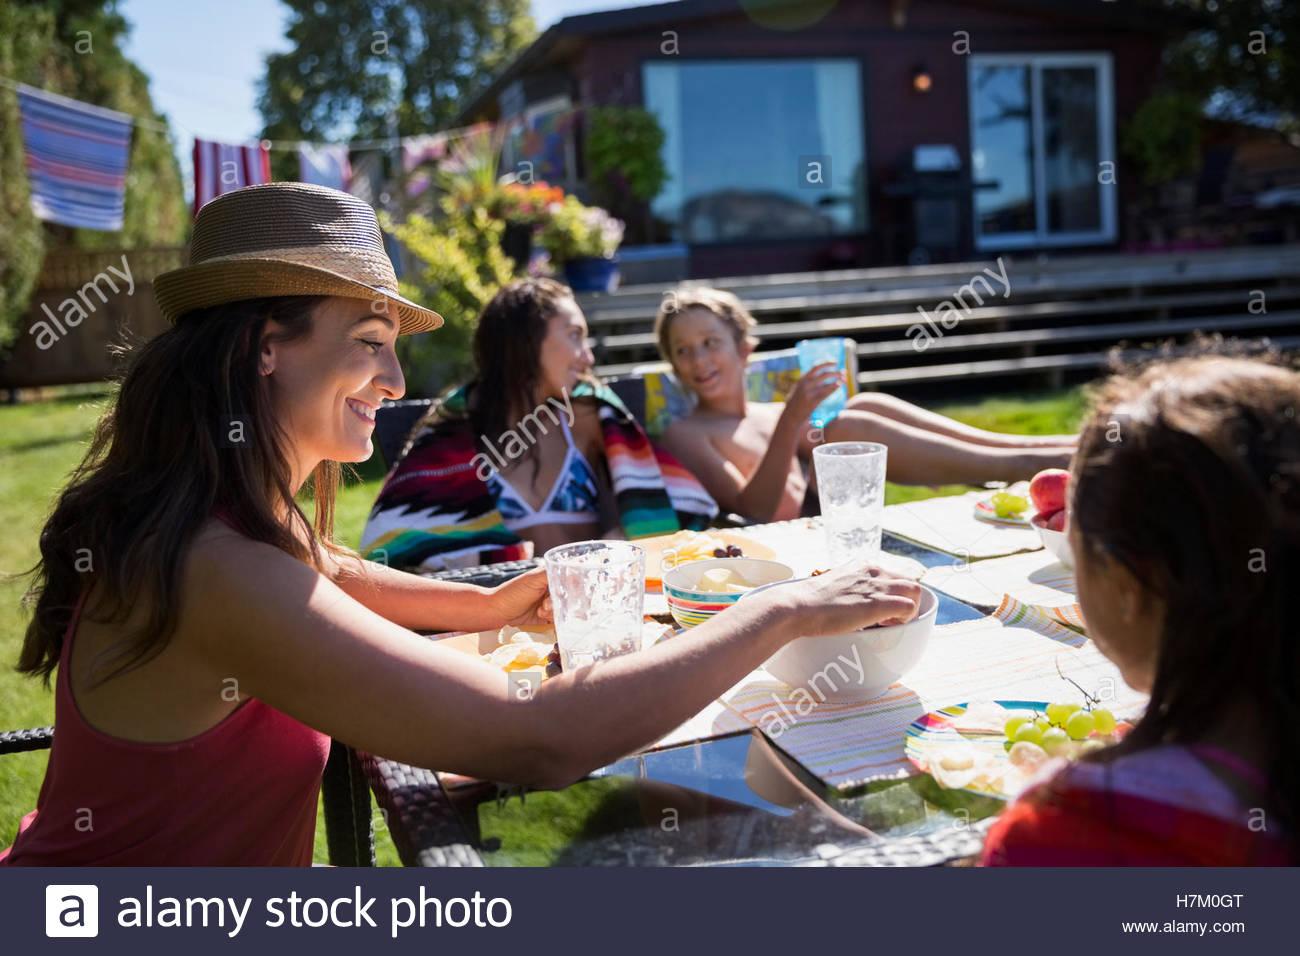 Comer en familia mesa de patio soleado de verano Imagen De Stock